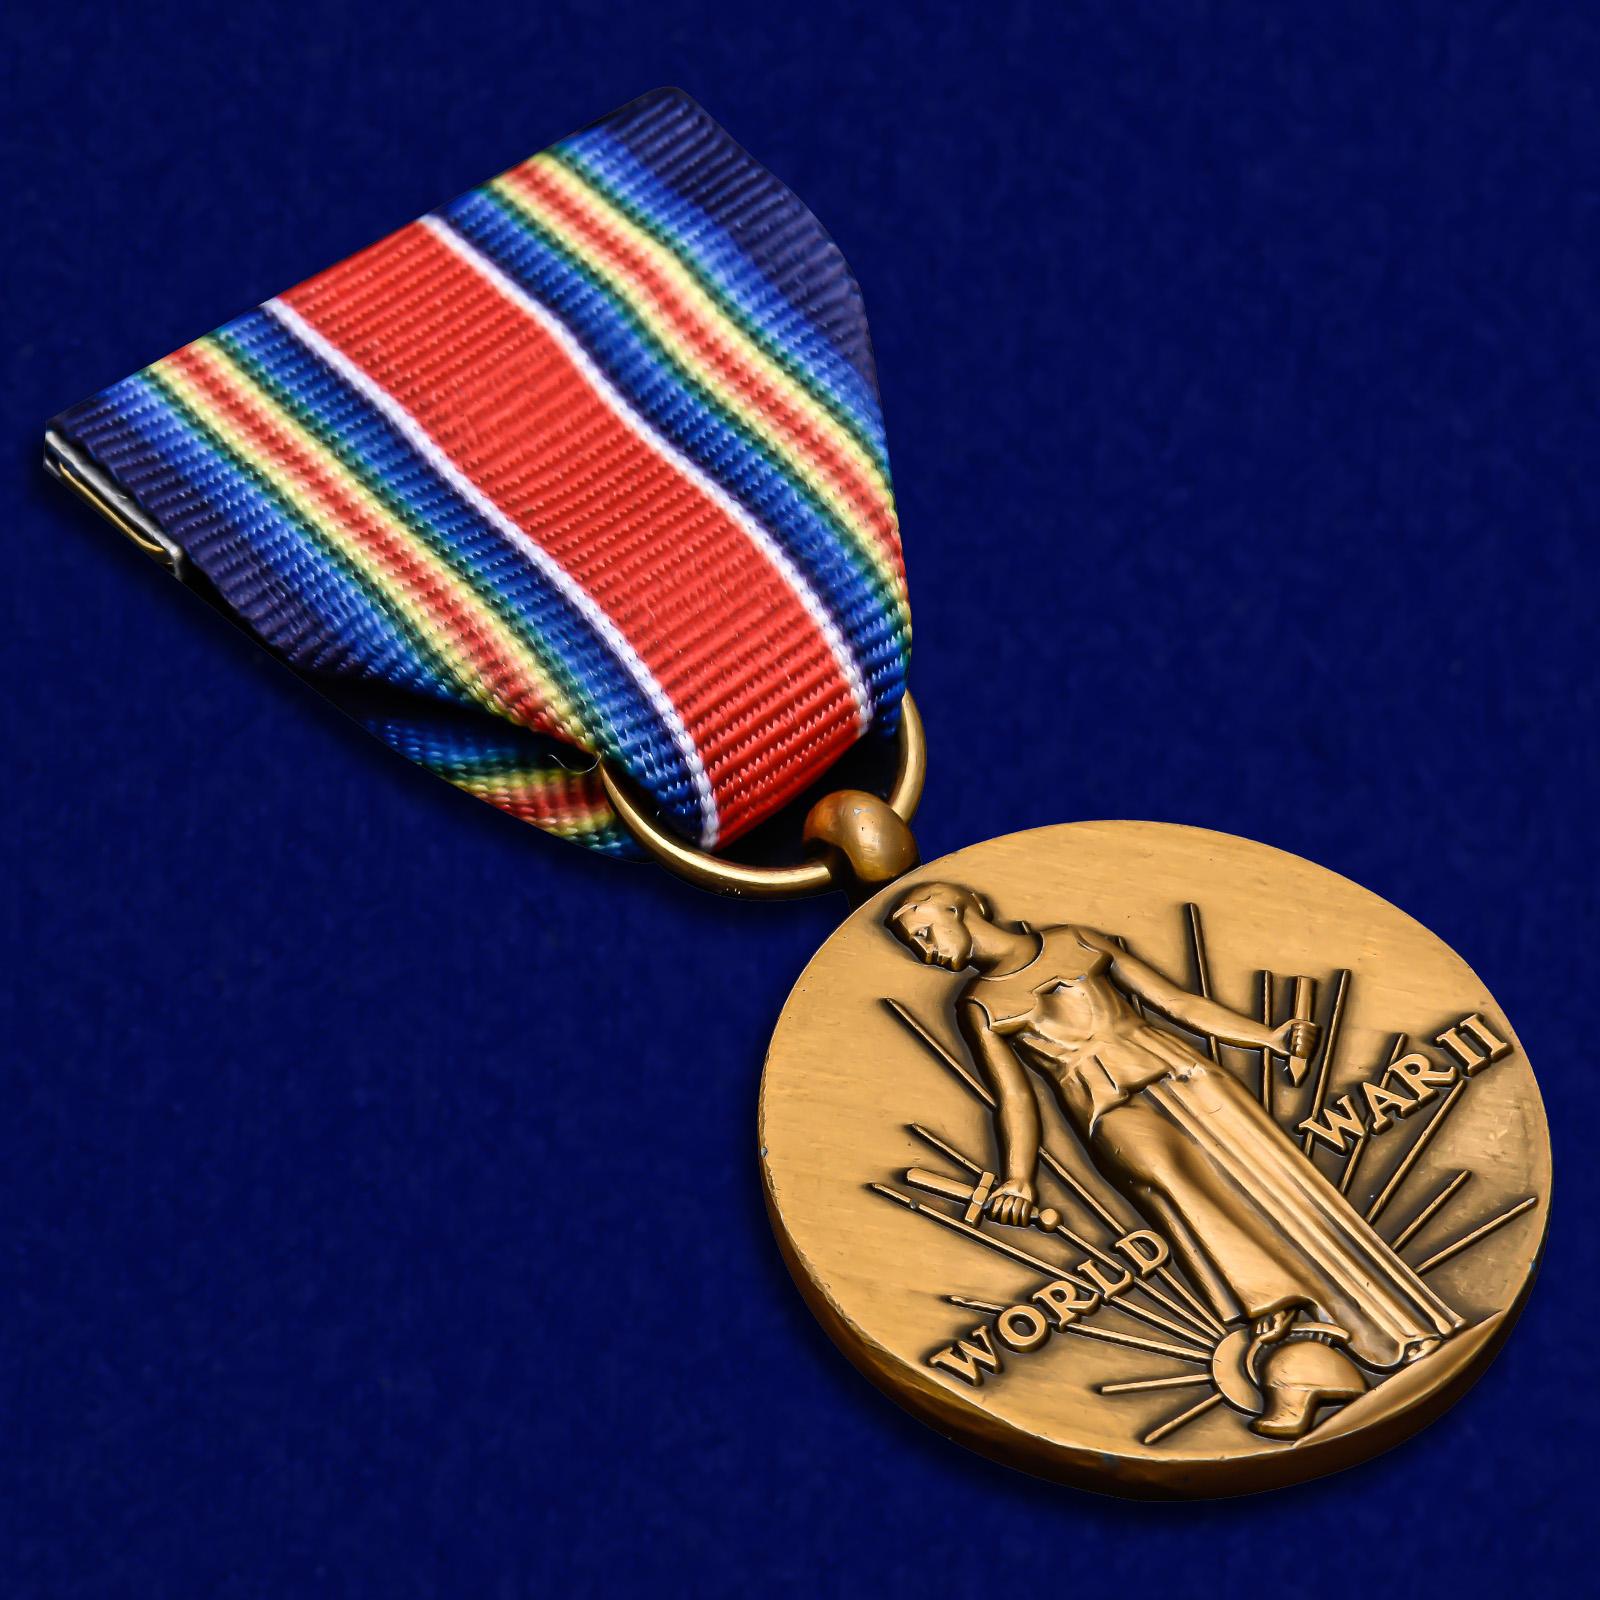 Американская латунная медаль За победу во II Мировой войне - общий вид